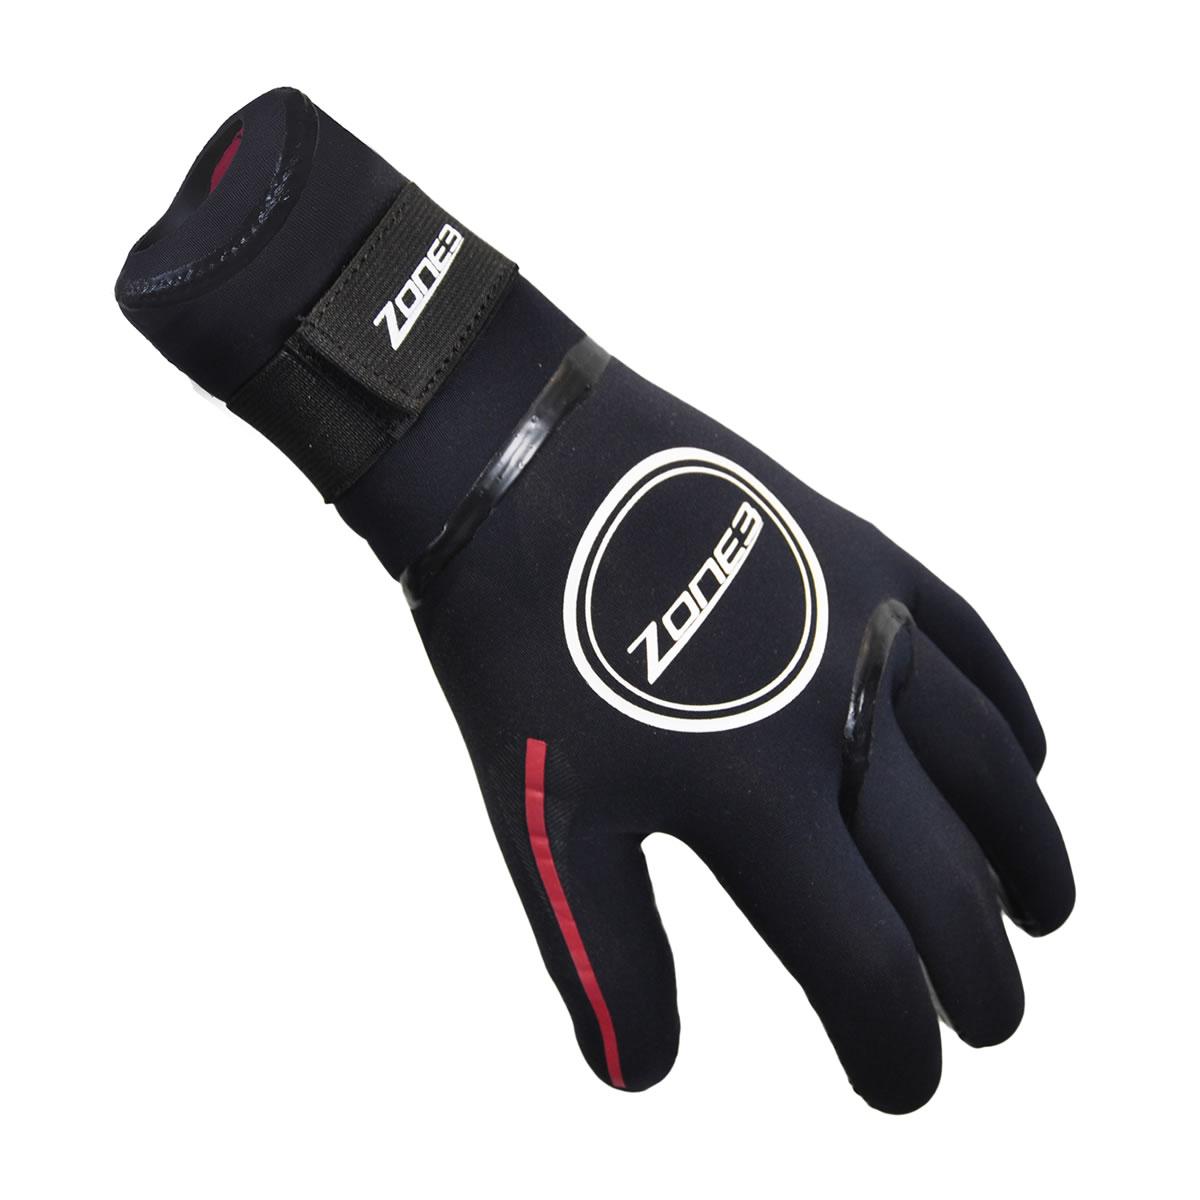 Neopren Heat Tech Handschuhe unisex - Zone3 - schwarz